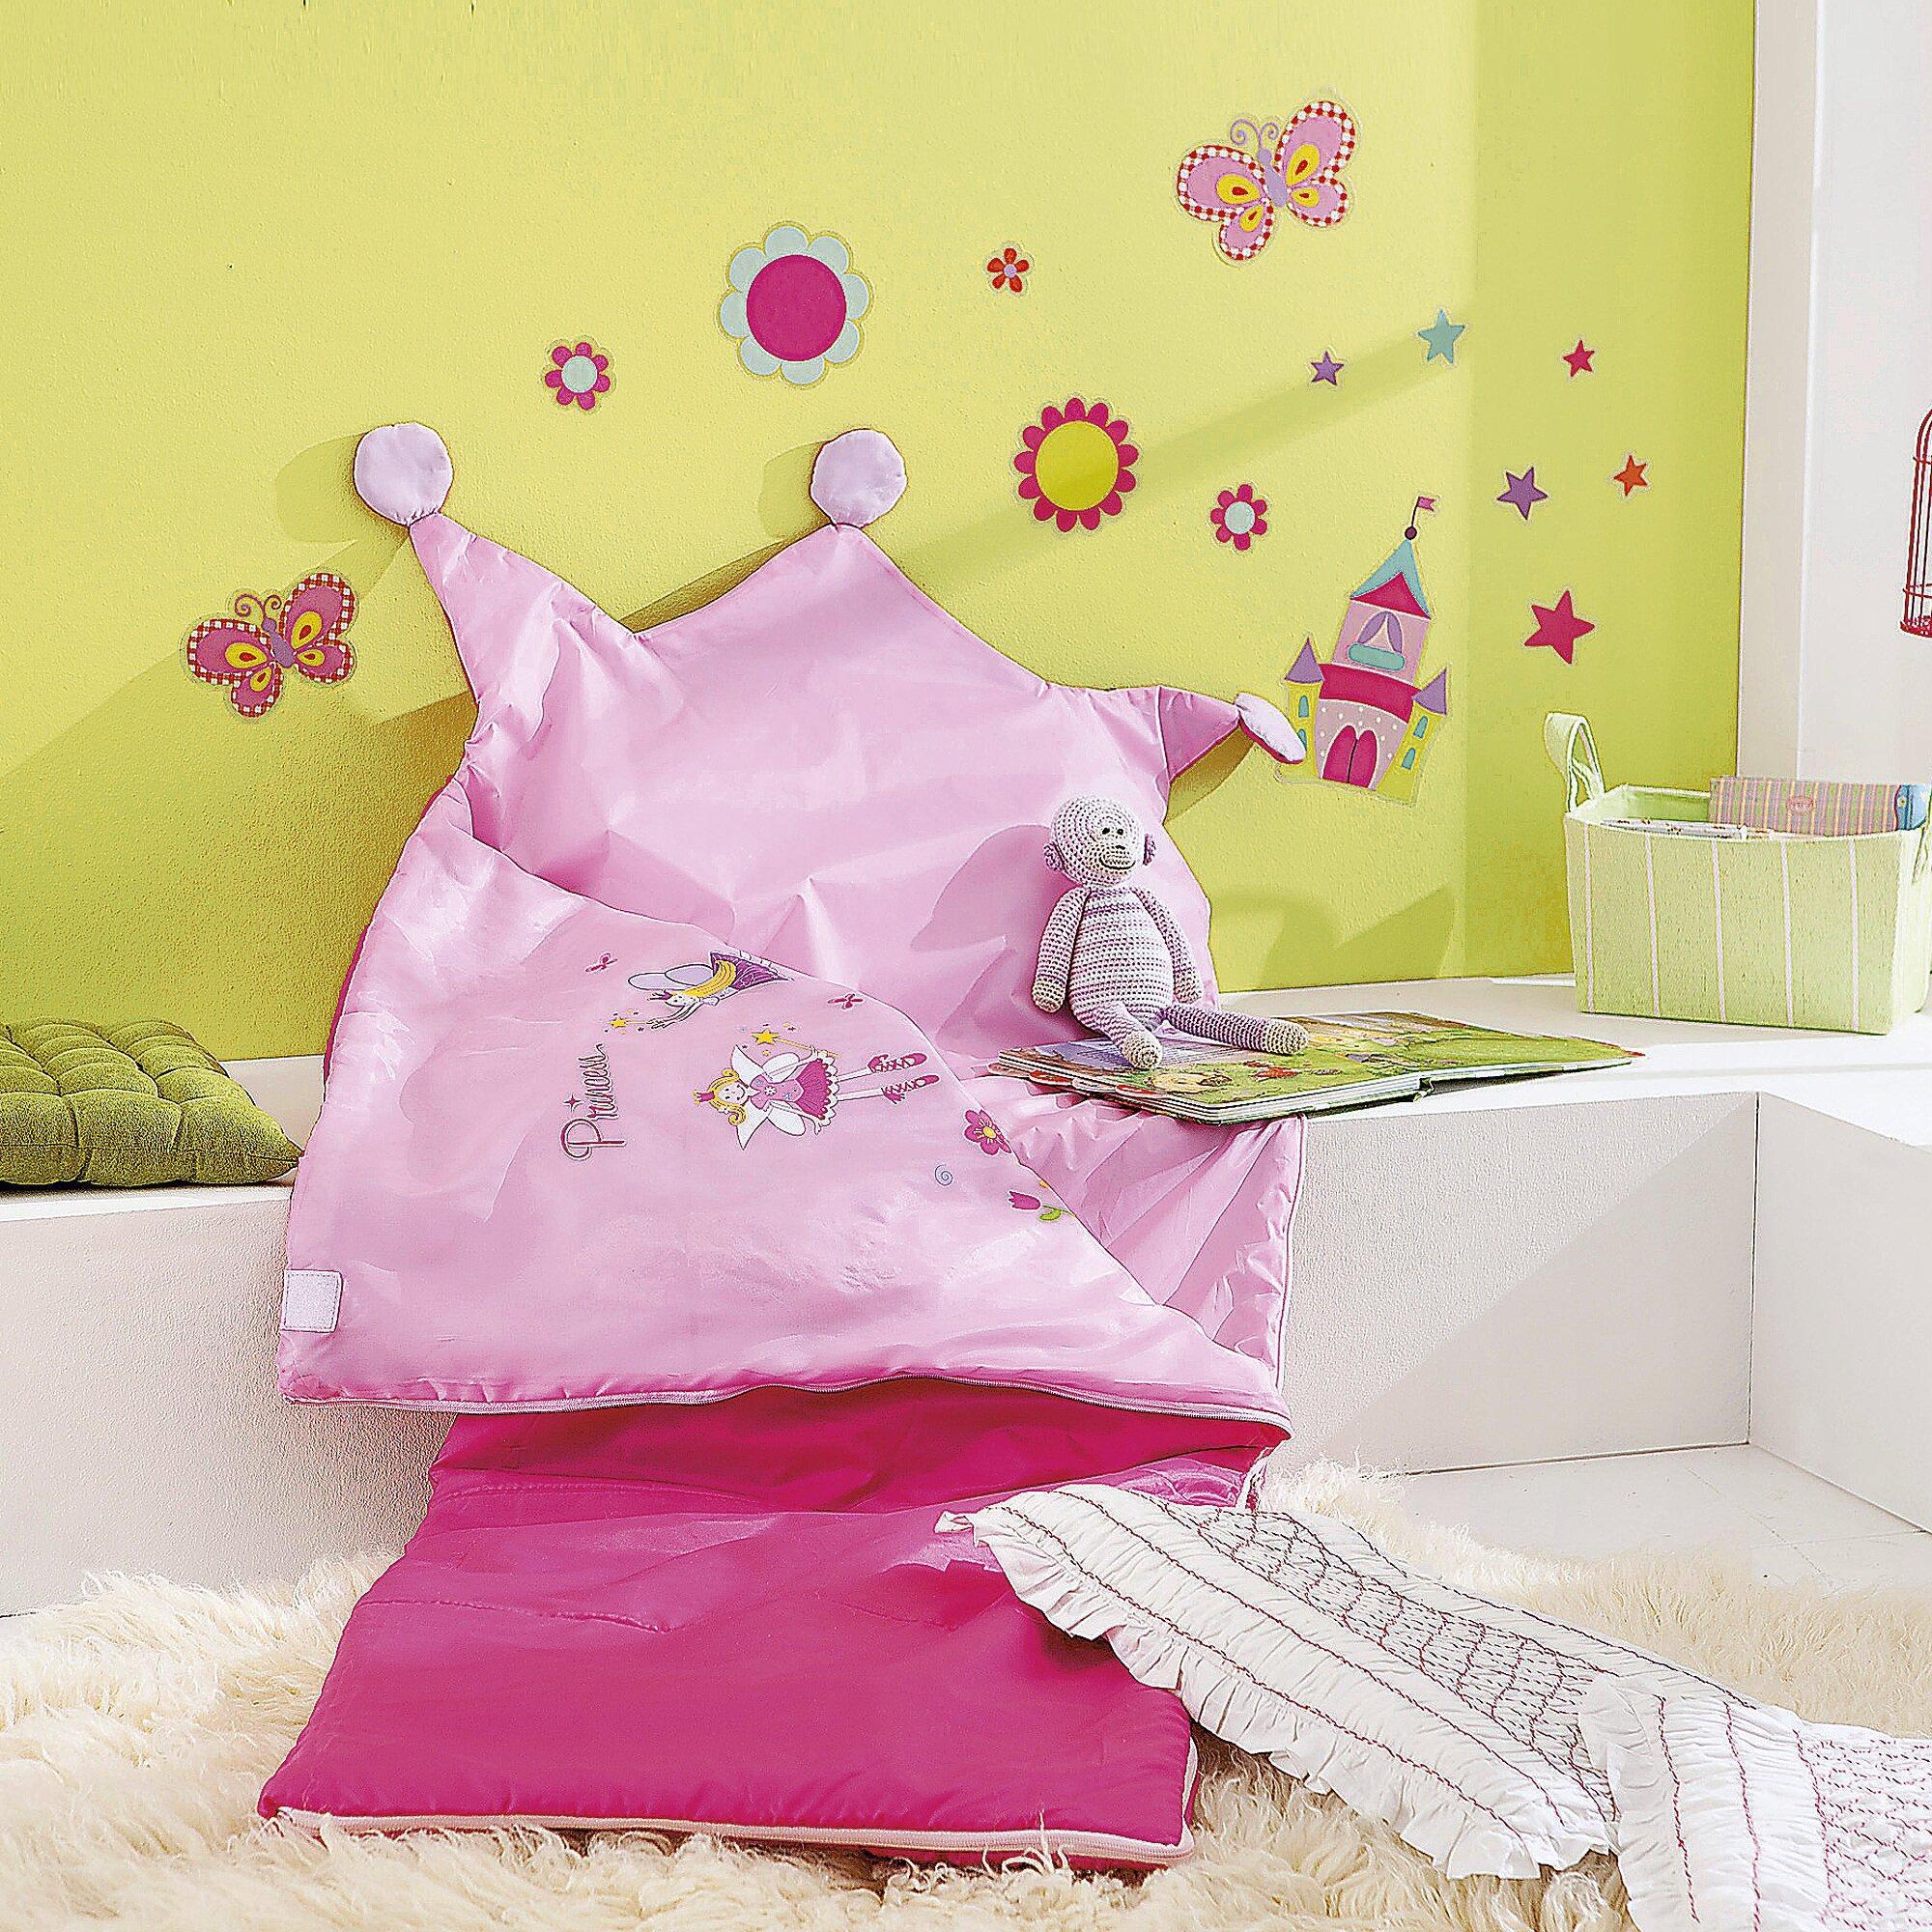 Encore plus de linge de lit chambre enfants - Sac de couchage princesse ...